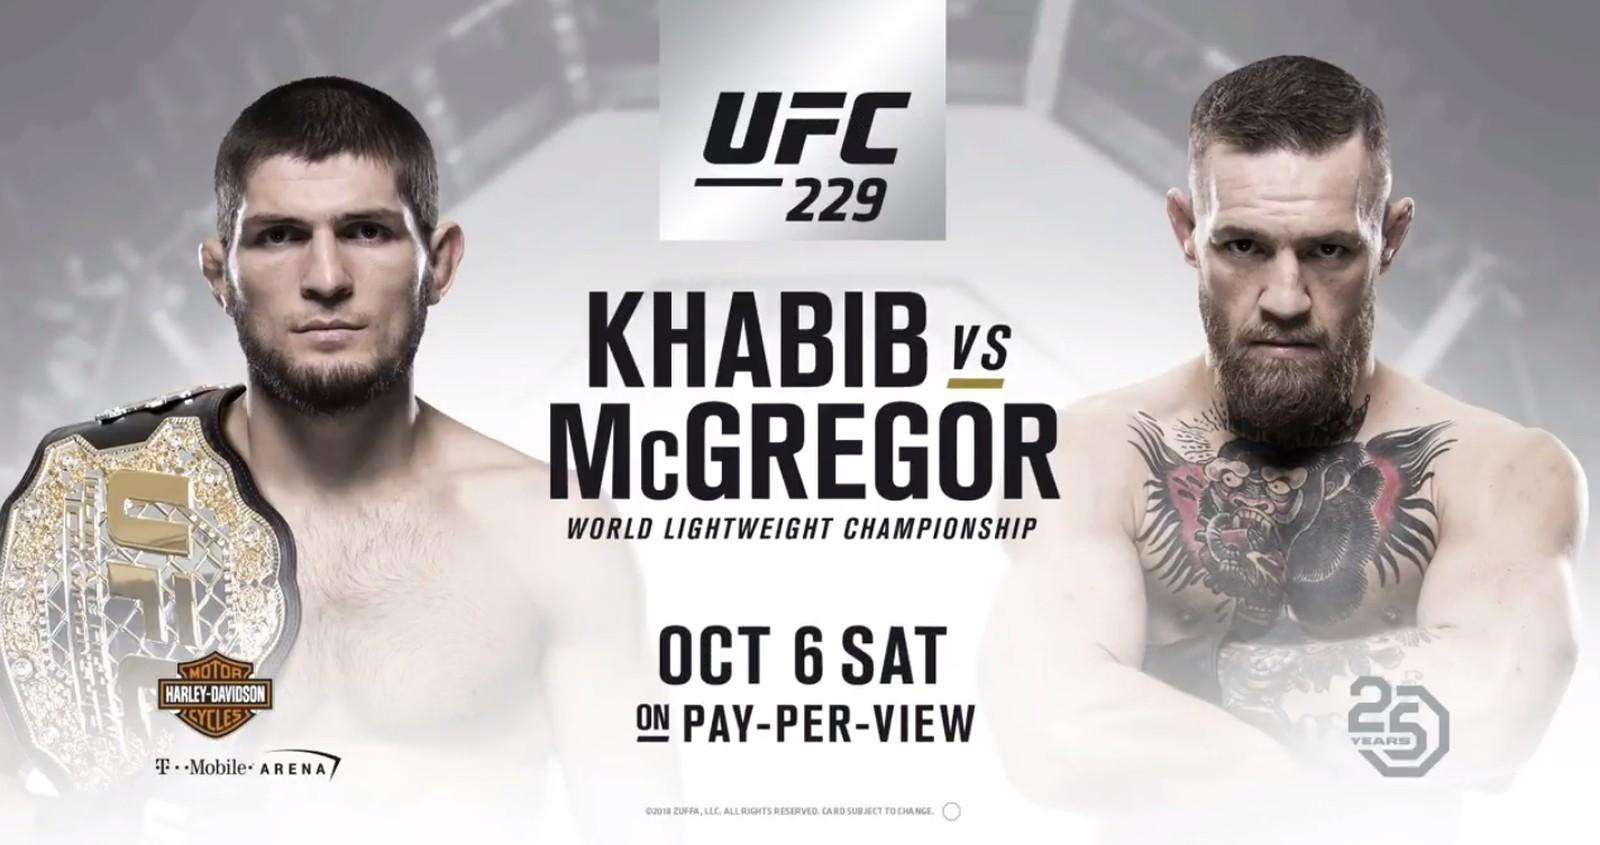 Estrela do UFC, Conor McGregor faz UFC 229 ser um fenômeno de receita